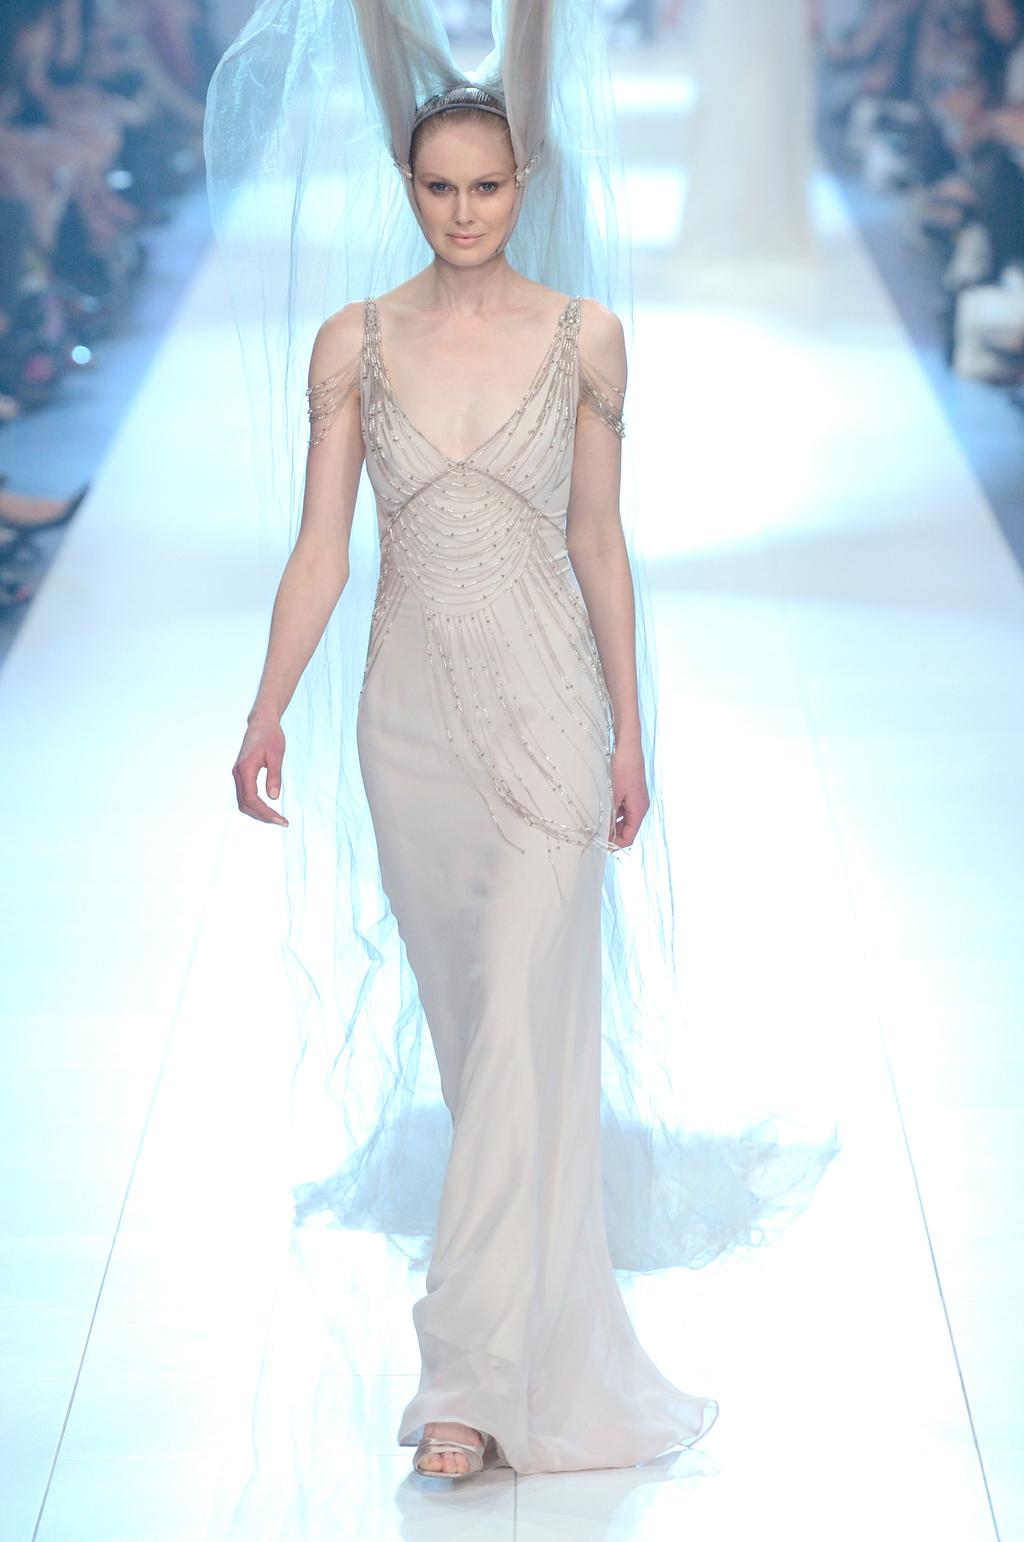 Gwendolynne-wedding-dress-2013-bridal-taylor.full